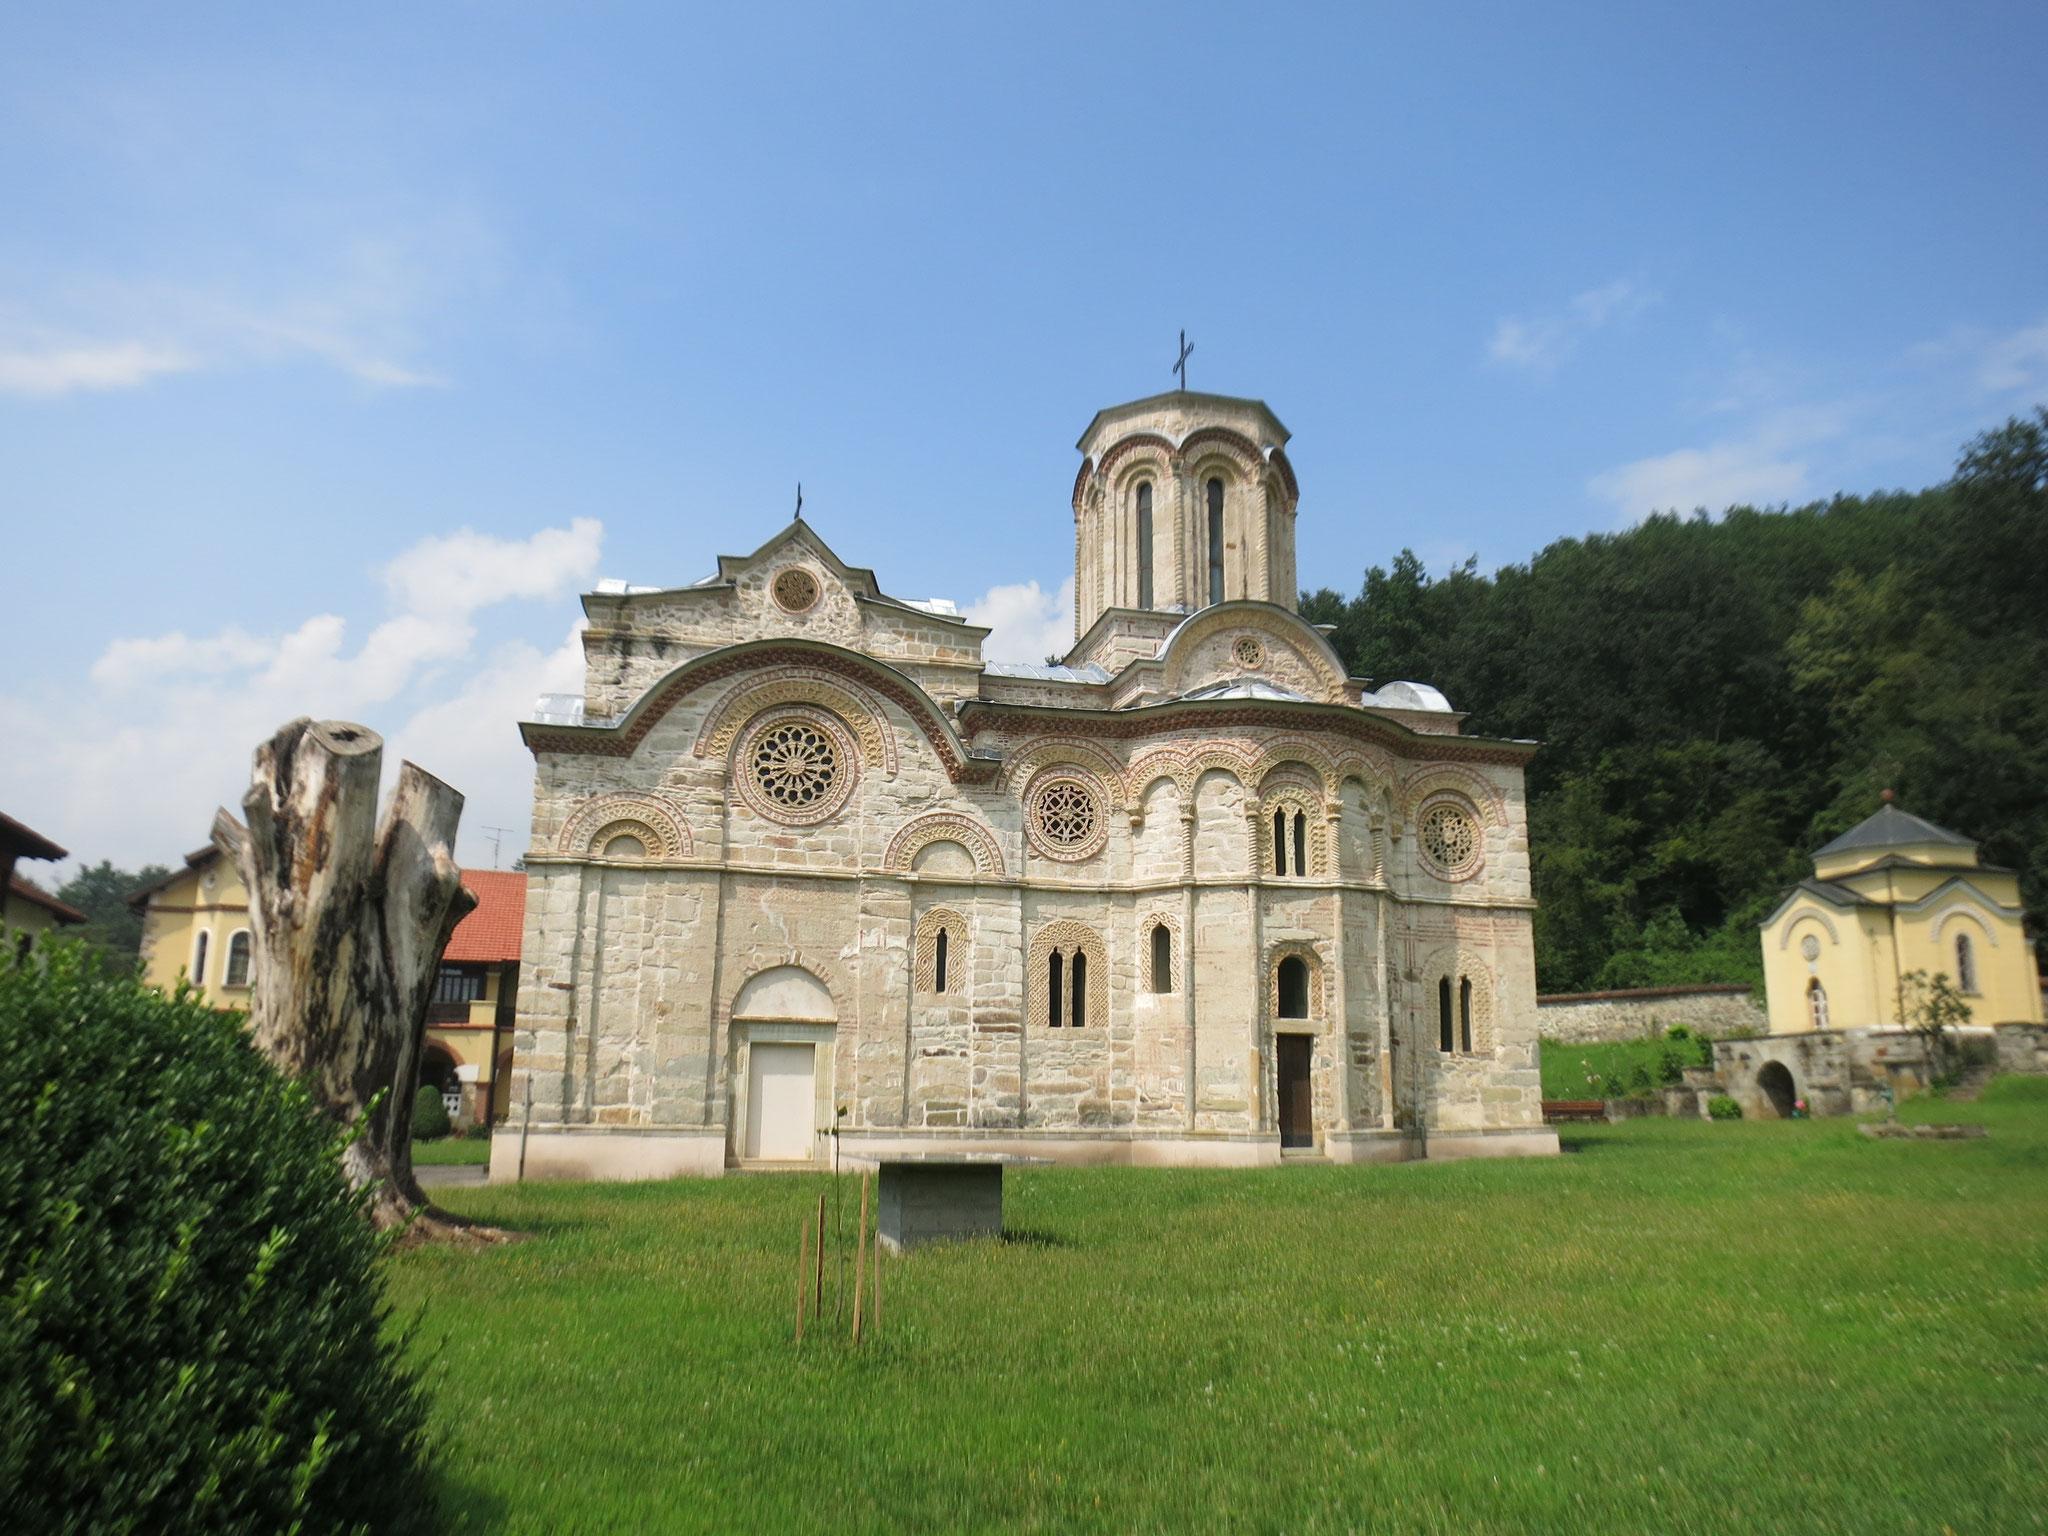 El monasterio visto desde la puerta de entrada del recinto amurallado